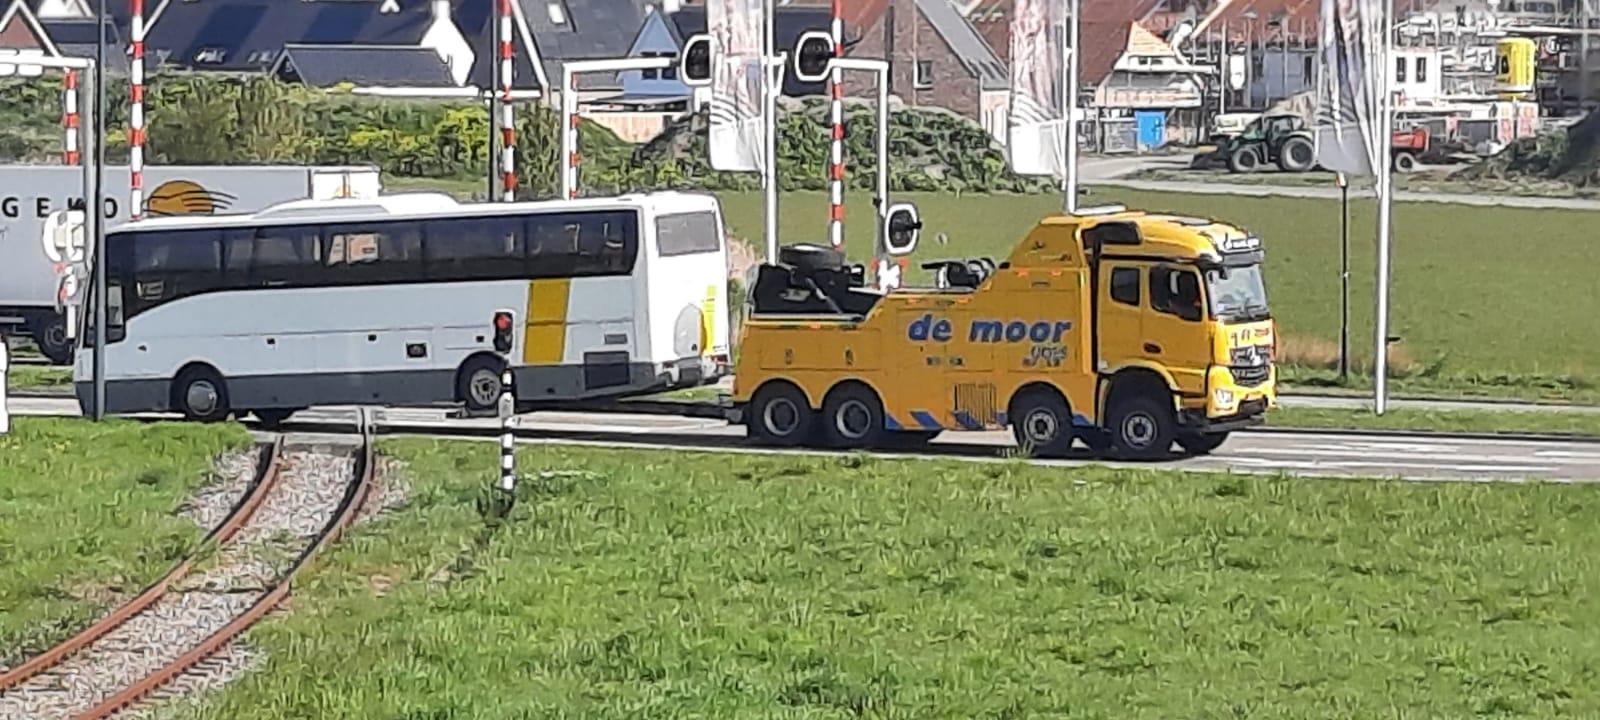 Pechhulp zware voertuigen demoorautoberging.nl